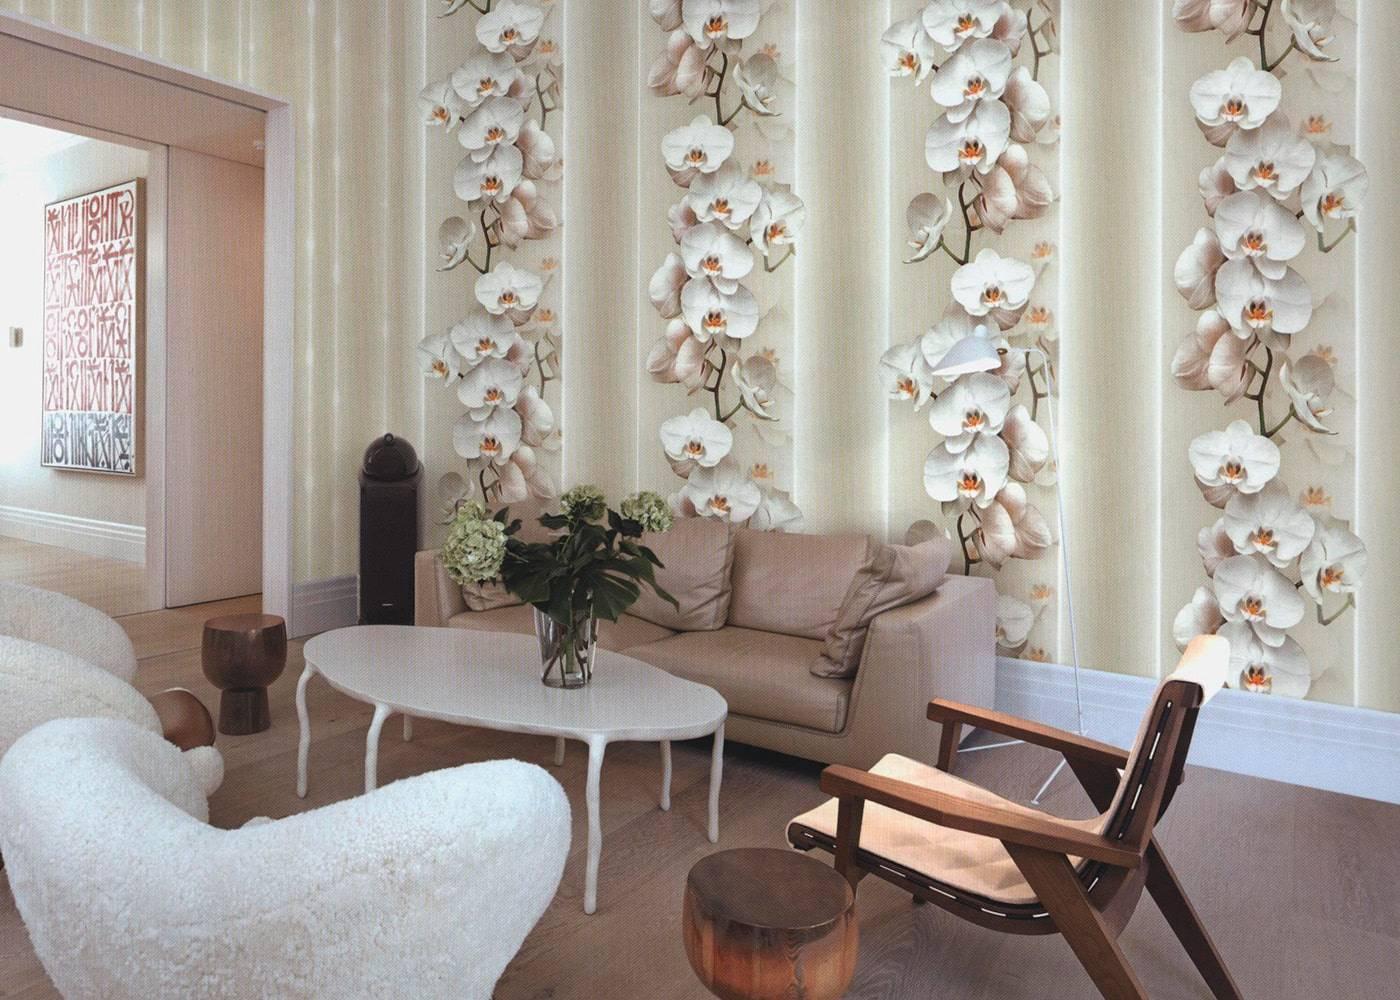 Какие обои выбрать для зала? 87 фото как правильно подобрать цветовую гамму обоев для гостиной? какие обои подойдут для зала 18 кв. м, чтобы комната казалась больше?